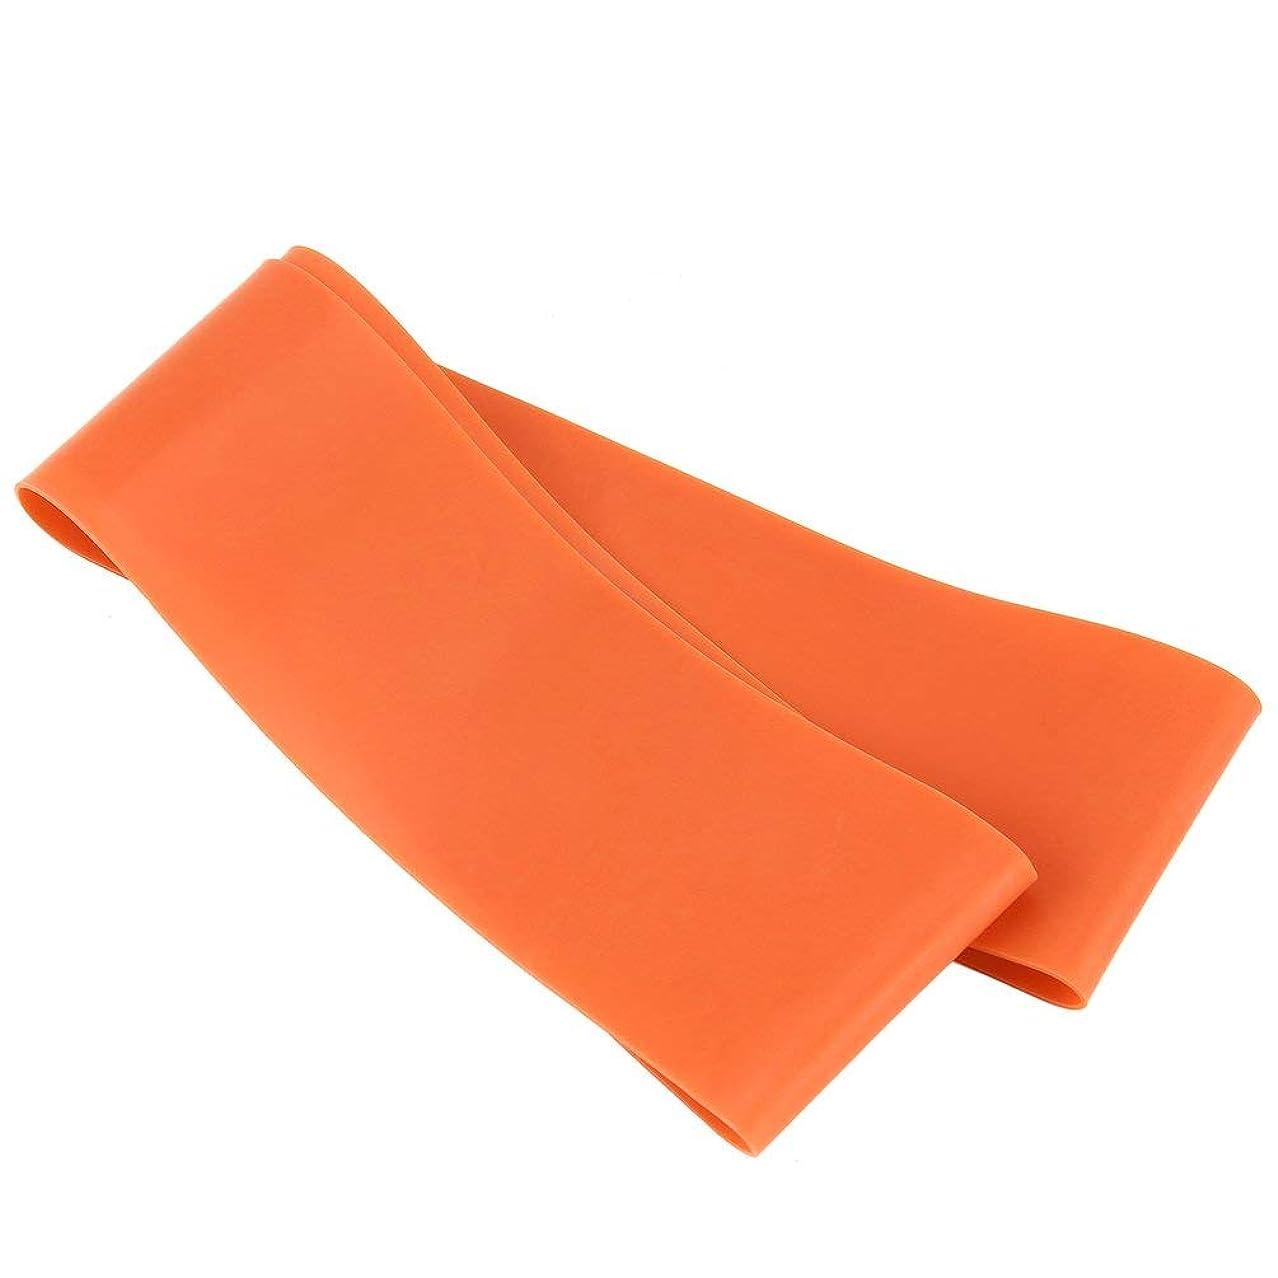 家主共産主義扇動する滑り止めの伸縮性のあるゴム製伸縮性がある伸縮性があるヨガベルトバンド引きロープの張力抵抗バンドループ強度のためのフィットネスヨガツール - オレンジ